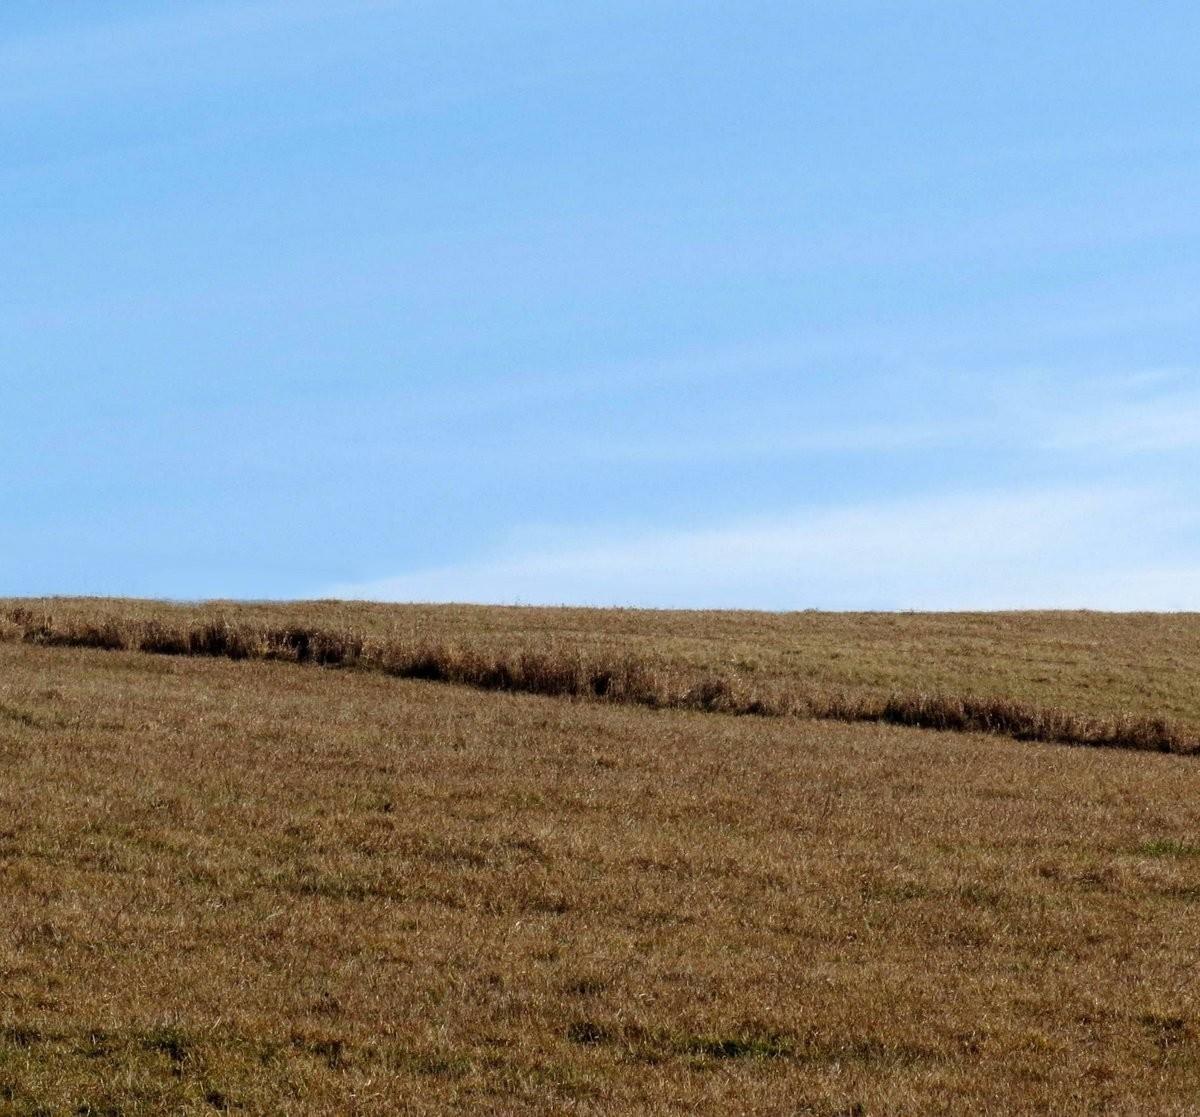 5. Pasture